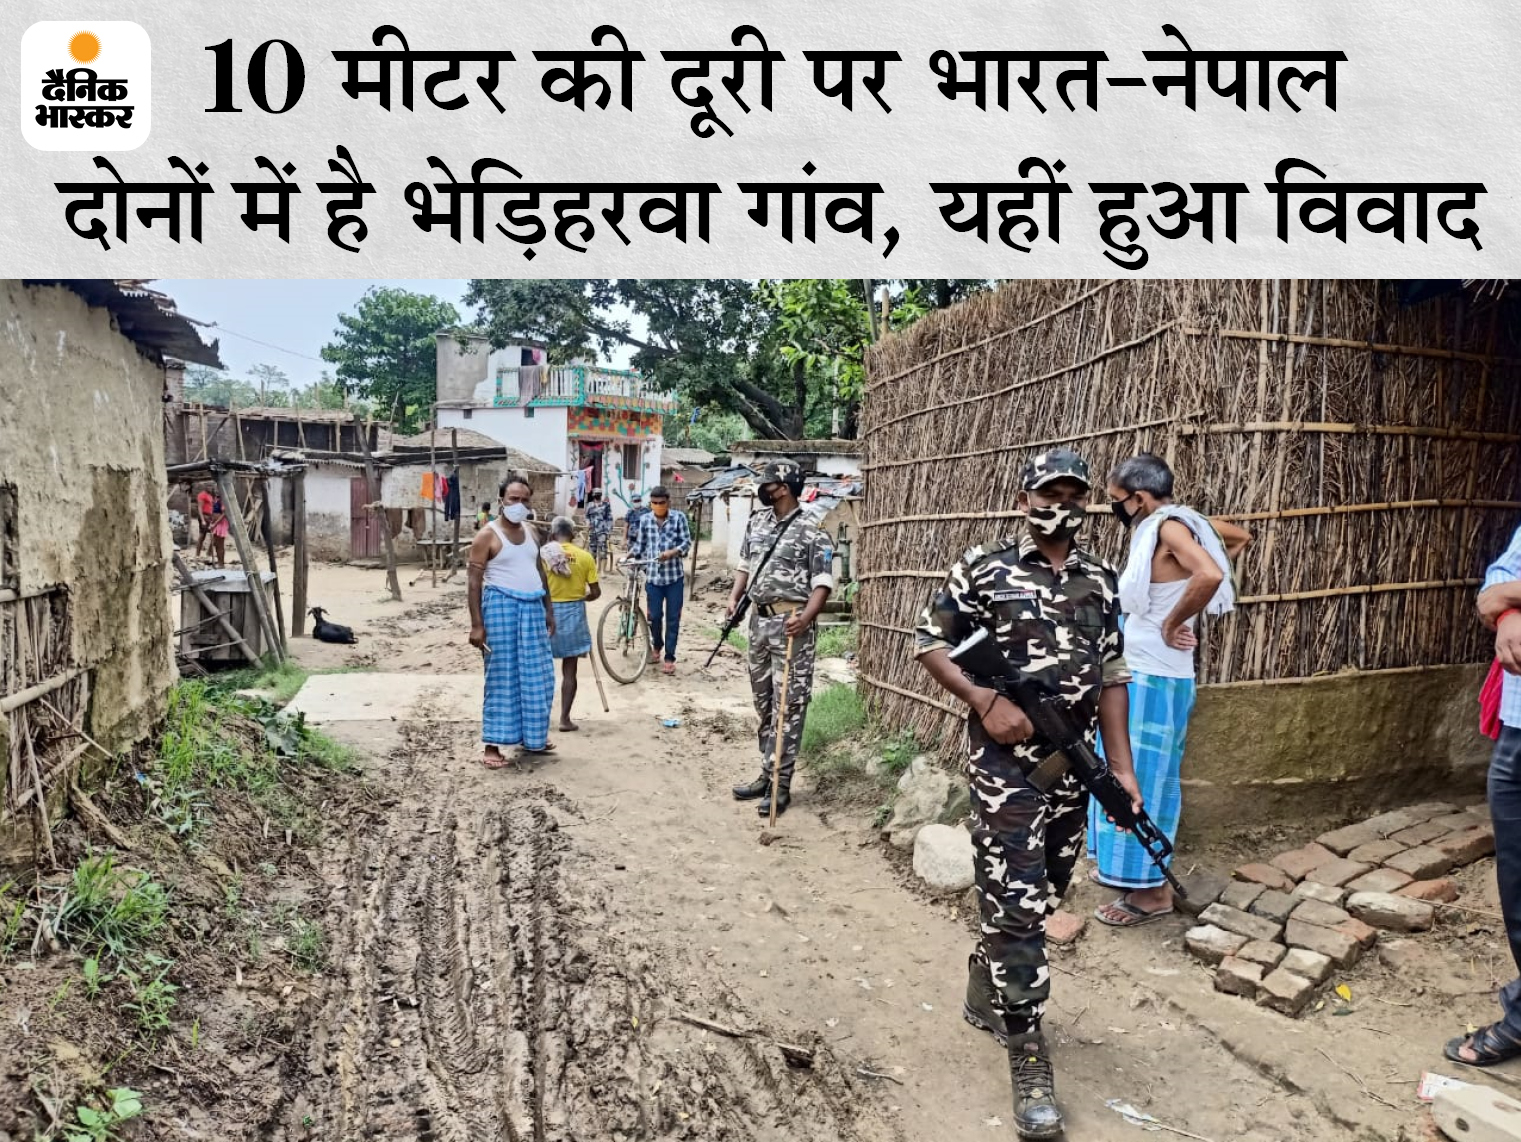 दूध लेकर बॉर्डर पार आए नेपाली नागरिक को भारतीय समझकर पीटा, नेपाली पुलिस की ज्यादती पर दोनों देशों के लोगों ने किया बवाल|मैनाटांड़,Mainatand - Dainik Bhaskar